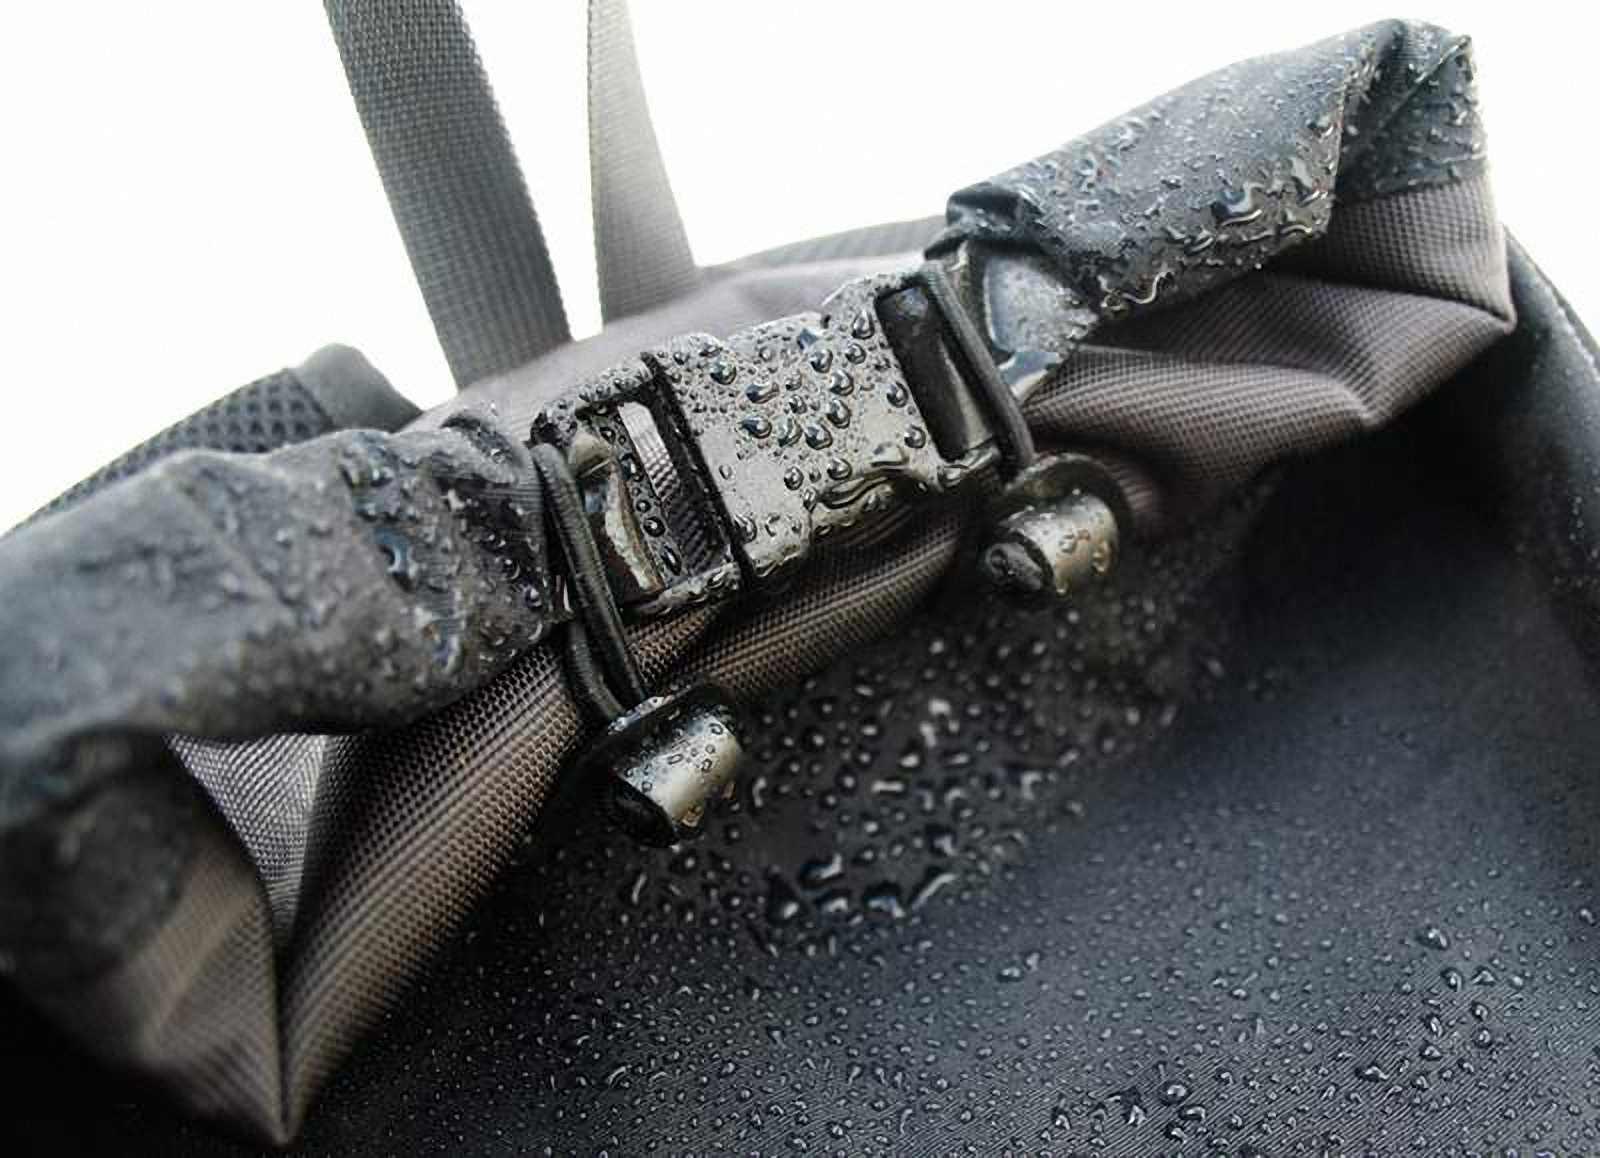 Водонепроницаемый рюкзак Aquapac 787 - Wet & Dry Backpack - 15L.. Aquapac - №1 в мире водонепроницаемых чехлов и сумок. Фото 5